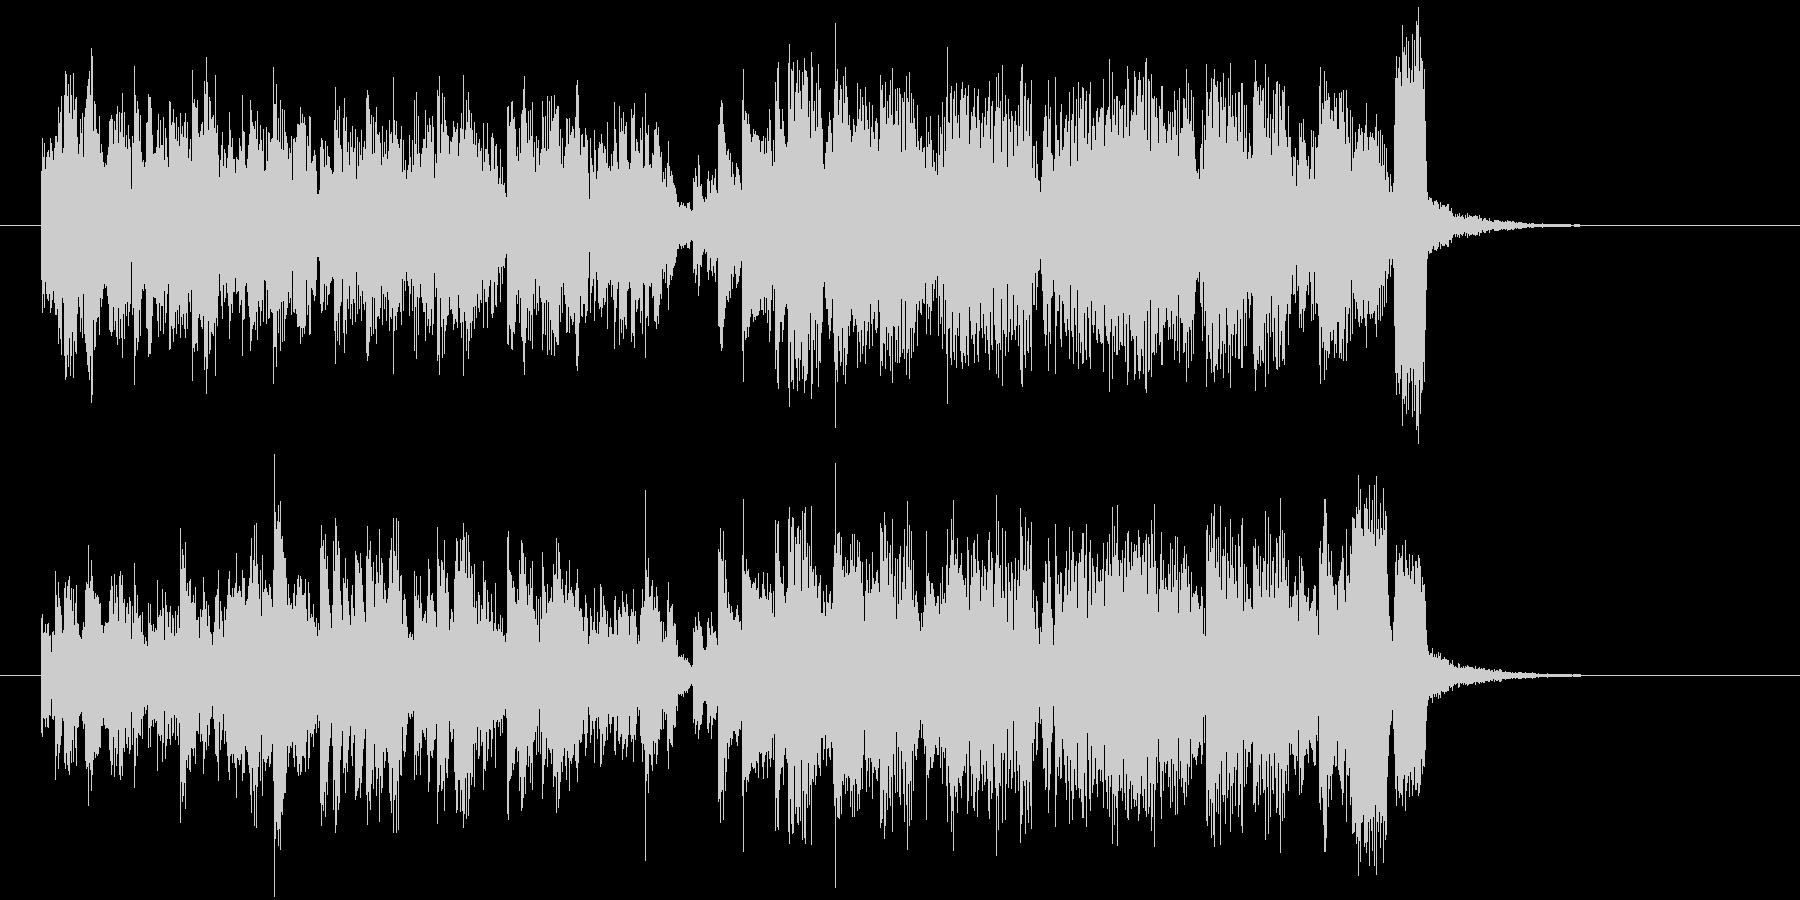 アップテンポなシンセサイザー音楽の未再生の波形